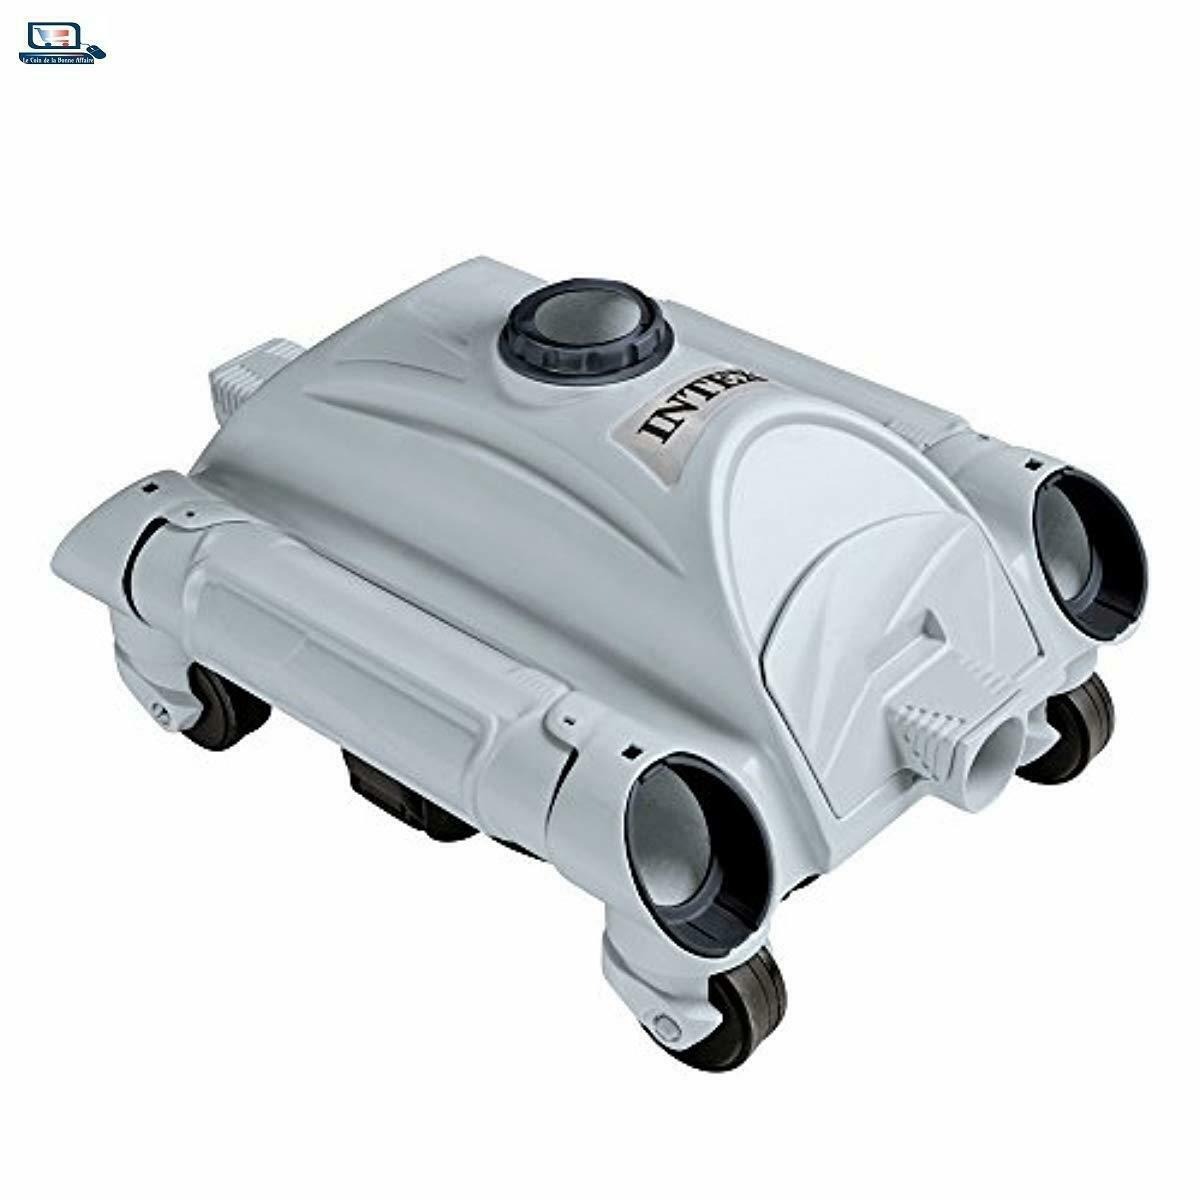 Détails Sur Intex 28001 Robot De Piscine Nettoyeur De Fond Pour Piscines  Hors-Sol Pour Filtr encequiconcerne Pompe Filtration Piscine Hors Sol Intex